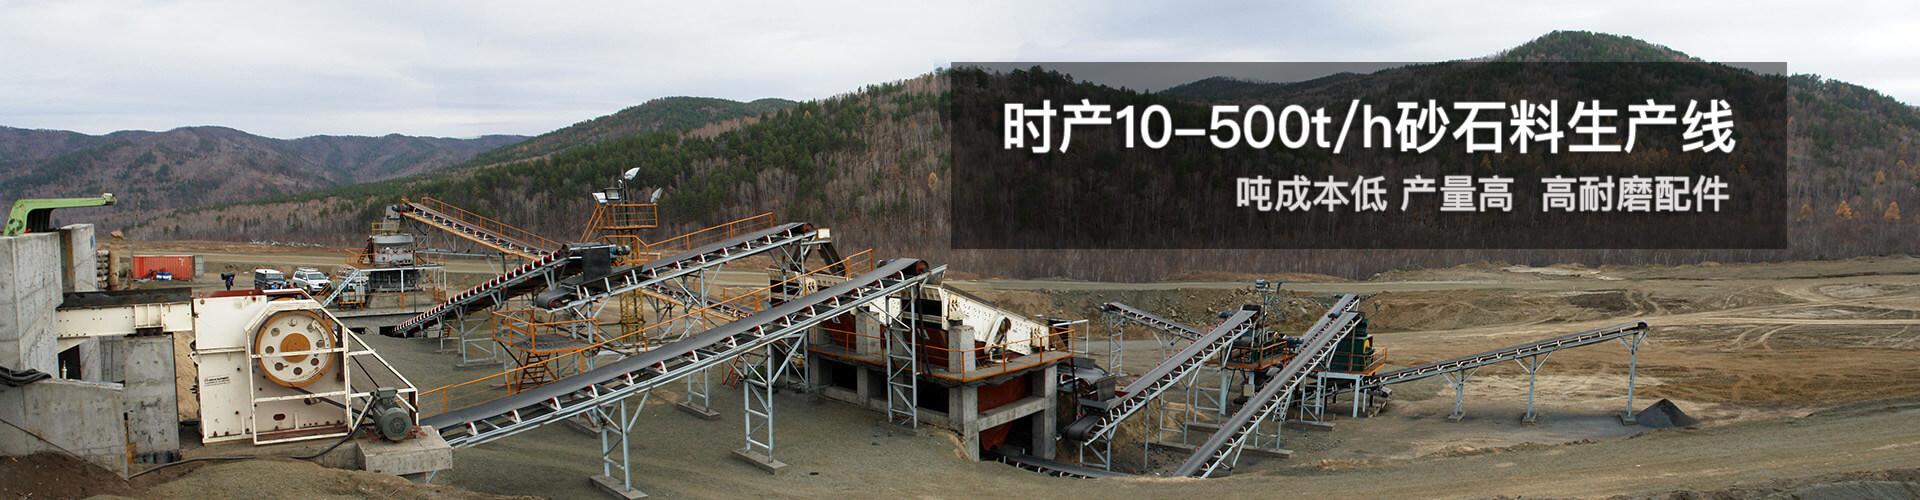 时产10-500t砂石骨料生产线可产出公分石和机制砂